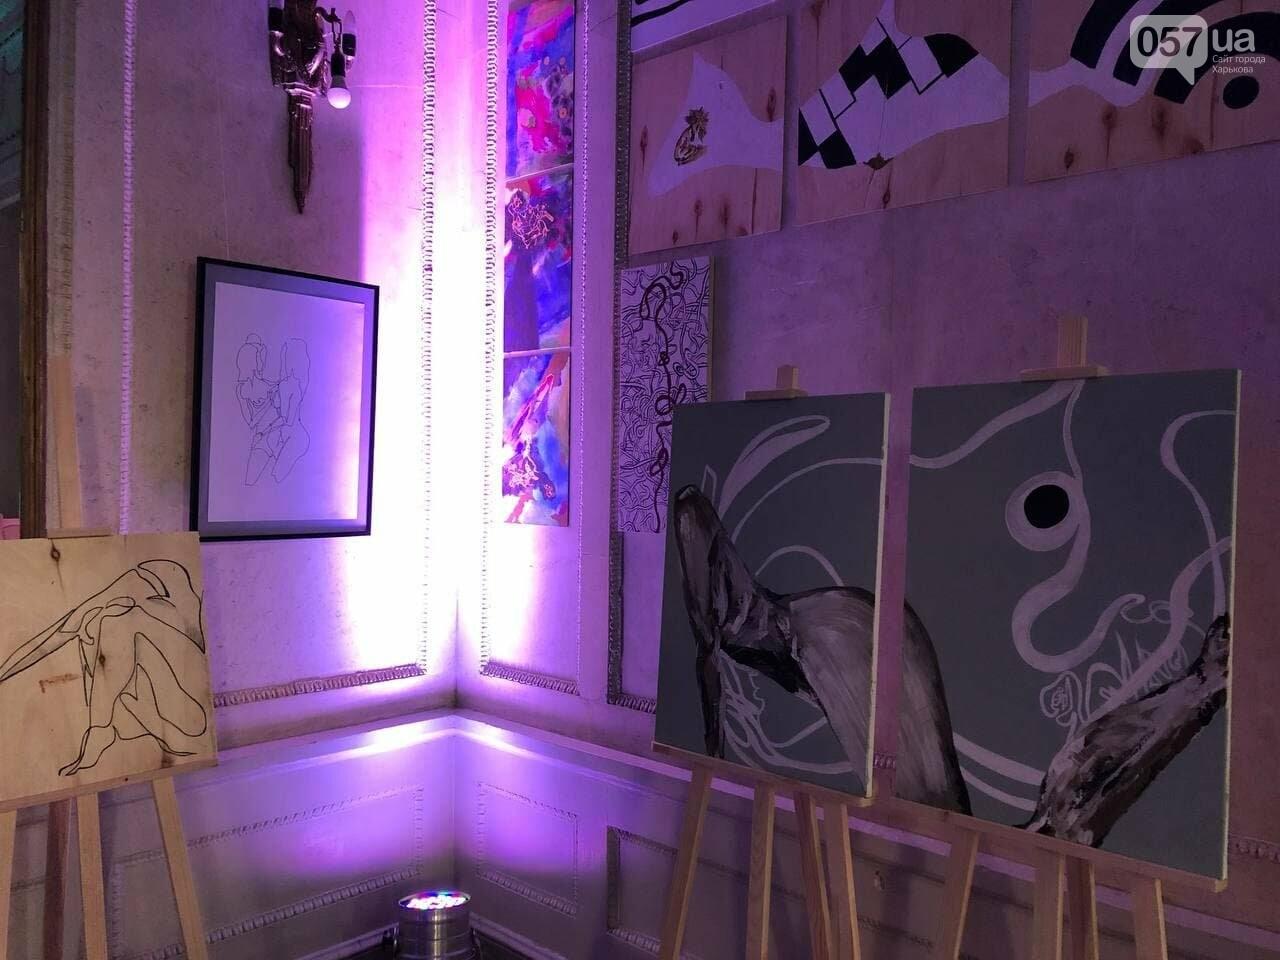 В Харькове прошла благотворительная выставка памяти молодой художницы, скончавшейся от приступа эпилепсии, - ФОТОРЕПОРТАЖ, фото-1